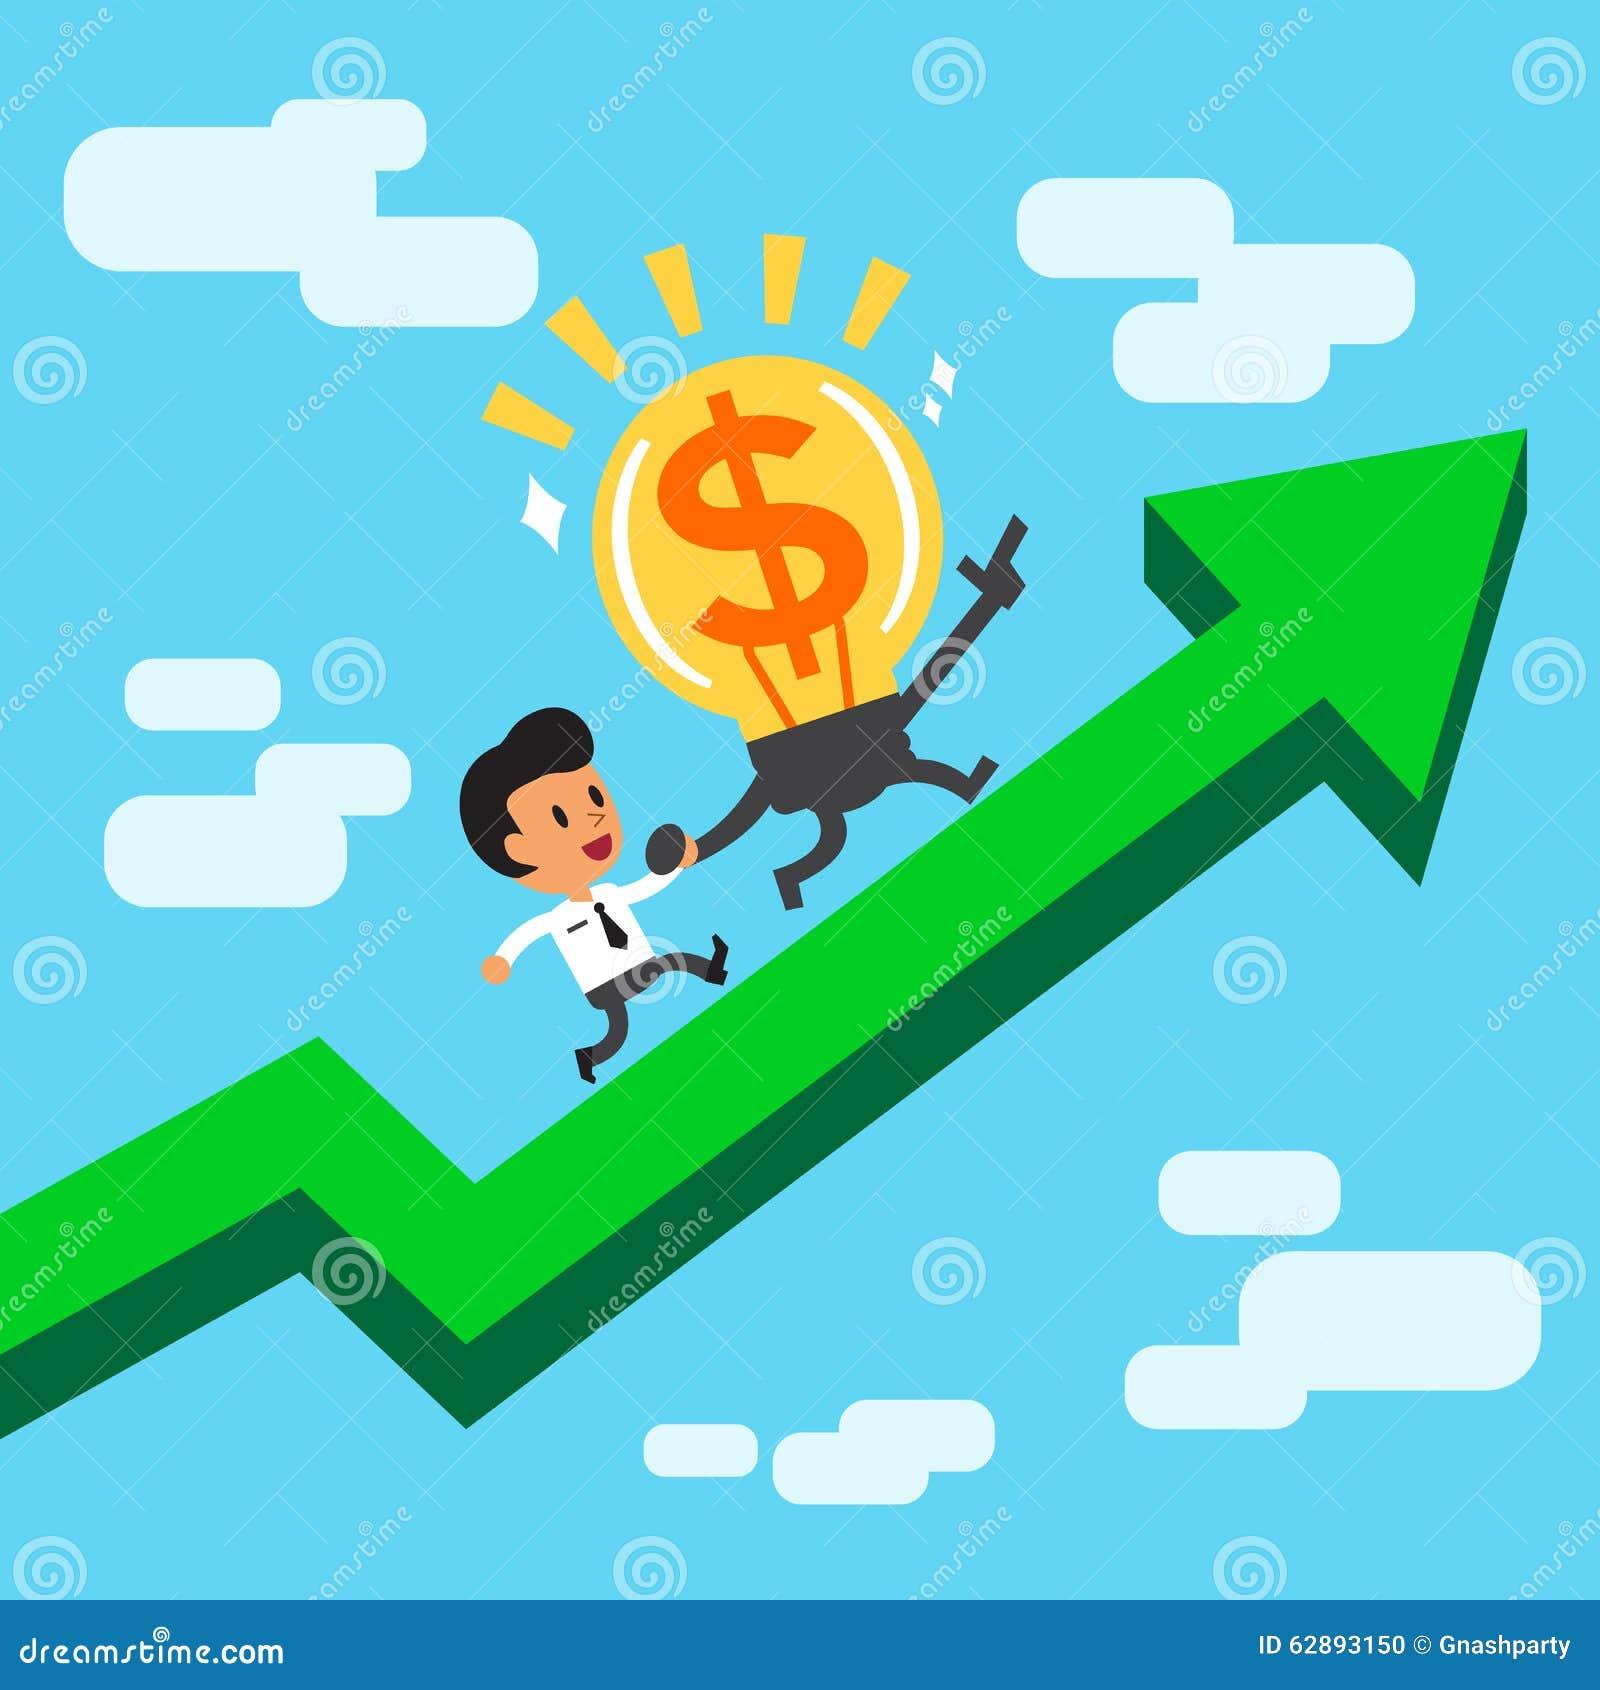 idea-grande-y-hombre-de-negocios-del-dinero-del-personaje-de-dibujos-animados-que-corren-en-una-flecha-verde-62893150.jpg